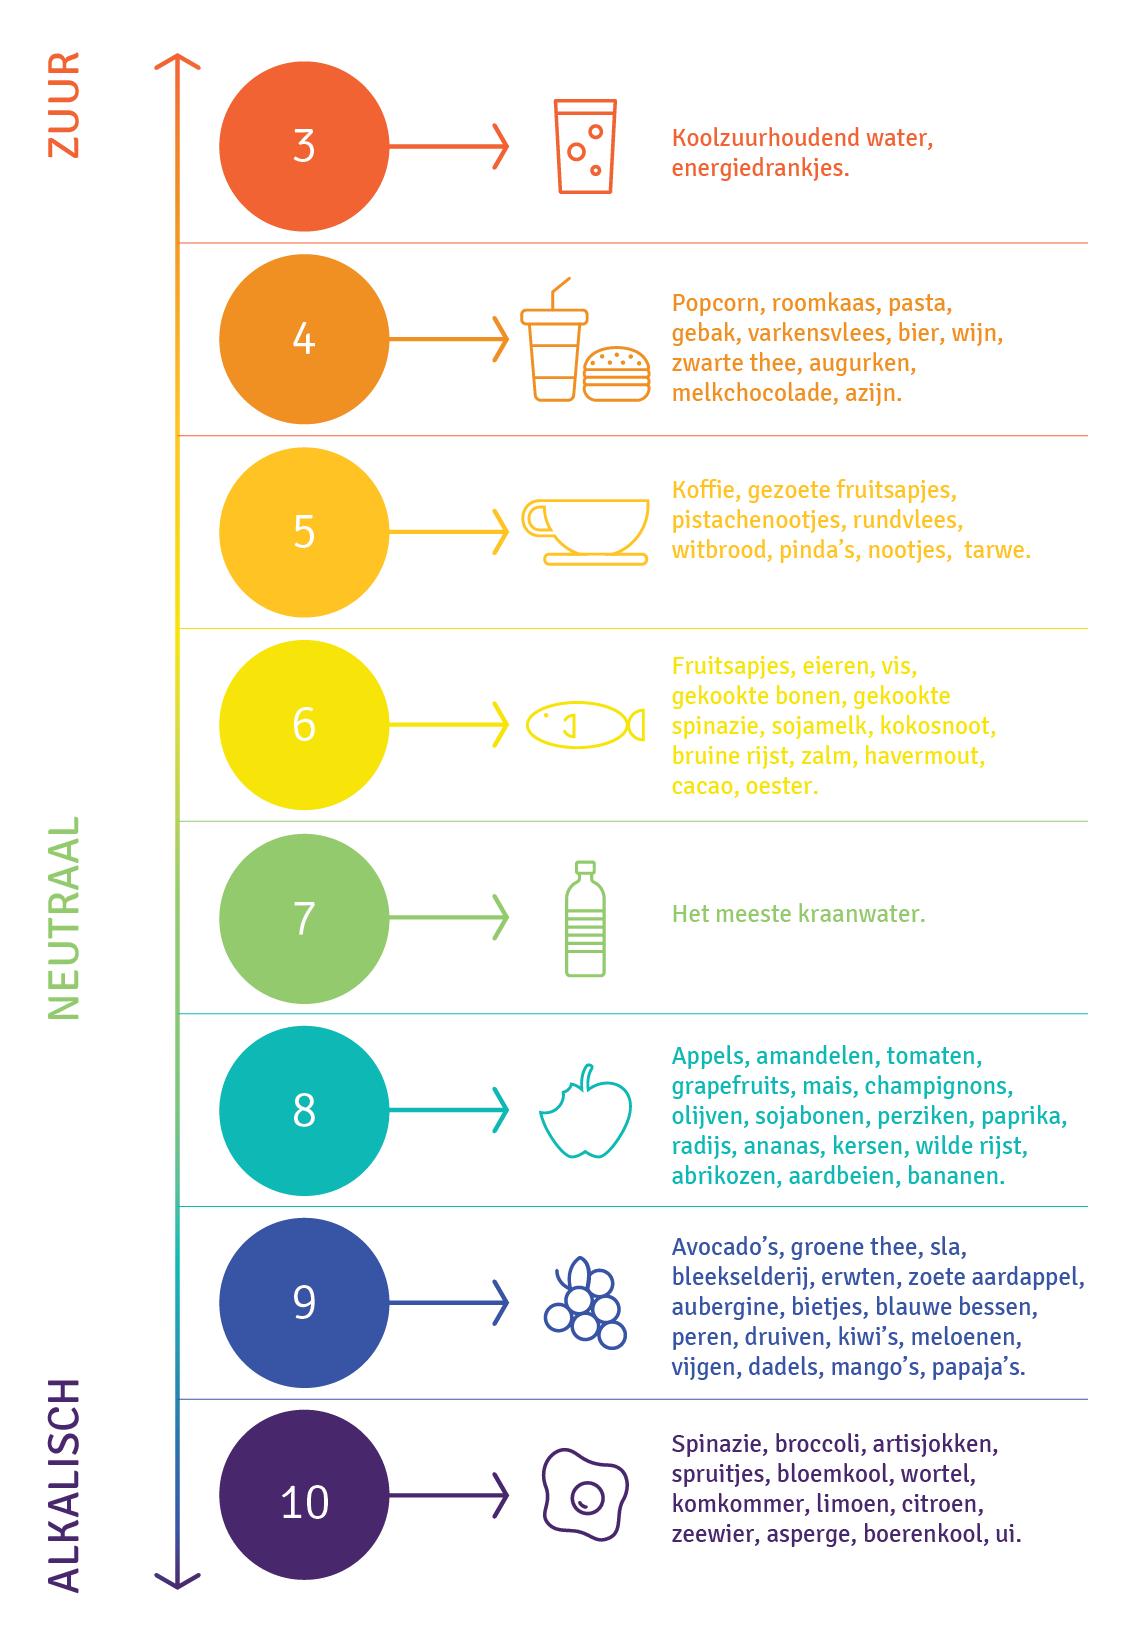 Hoe zit het met de pH-waarde van voeding?